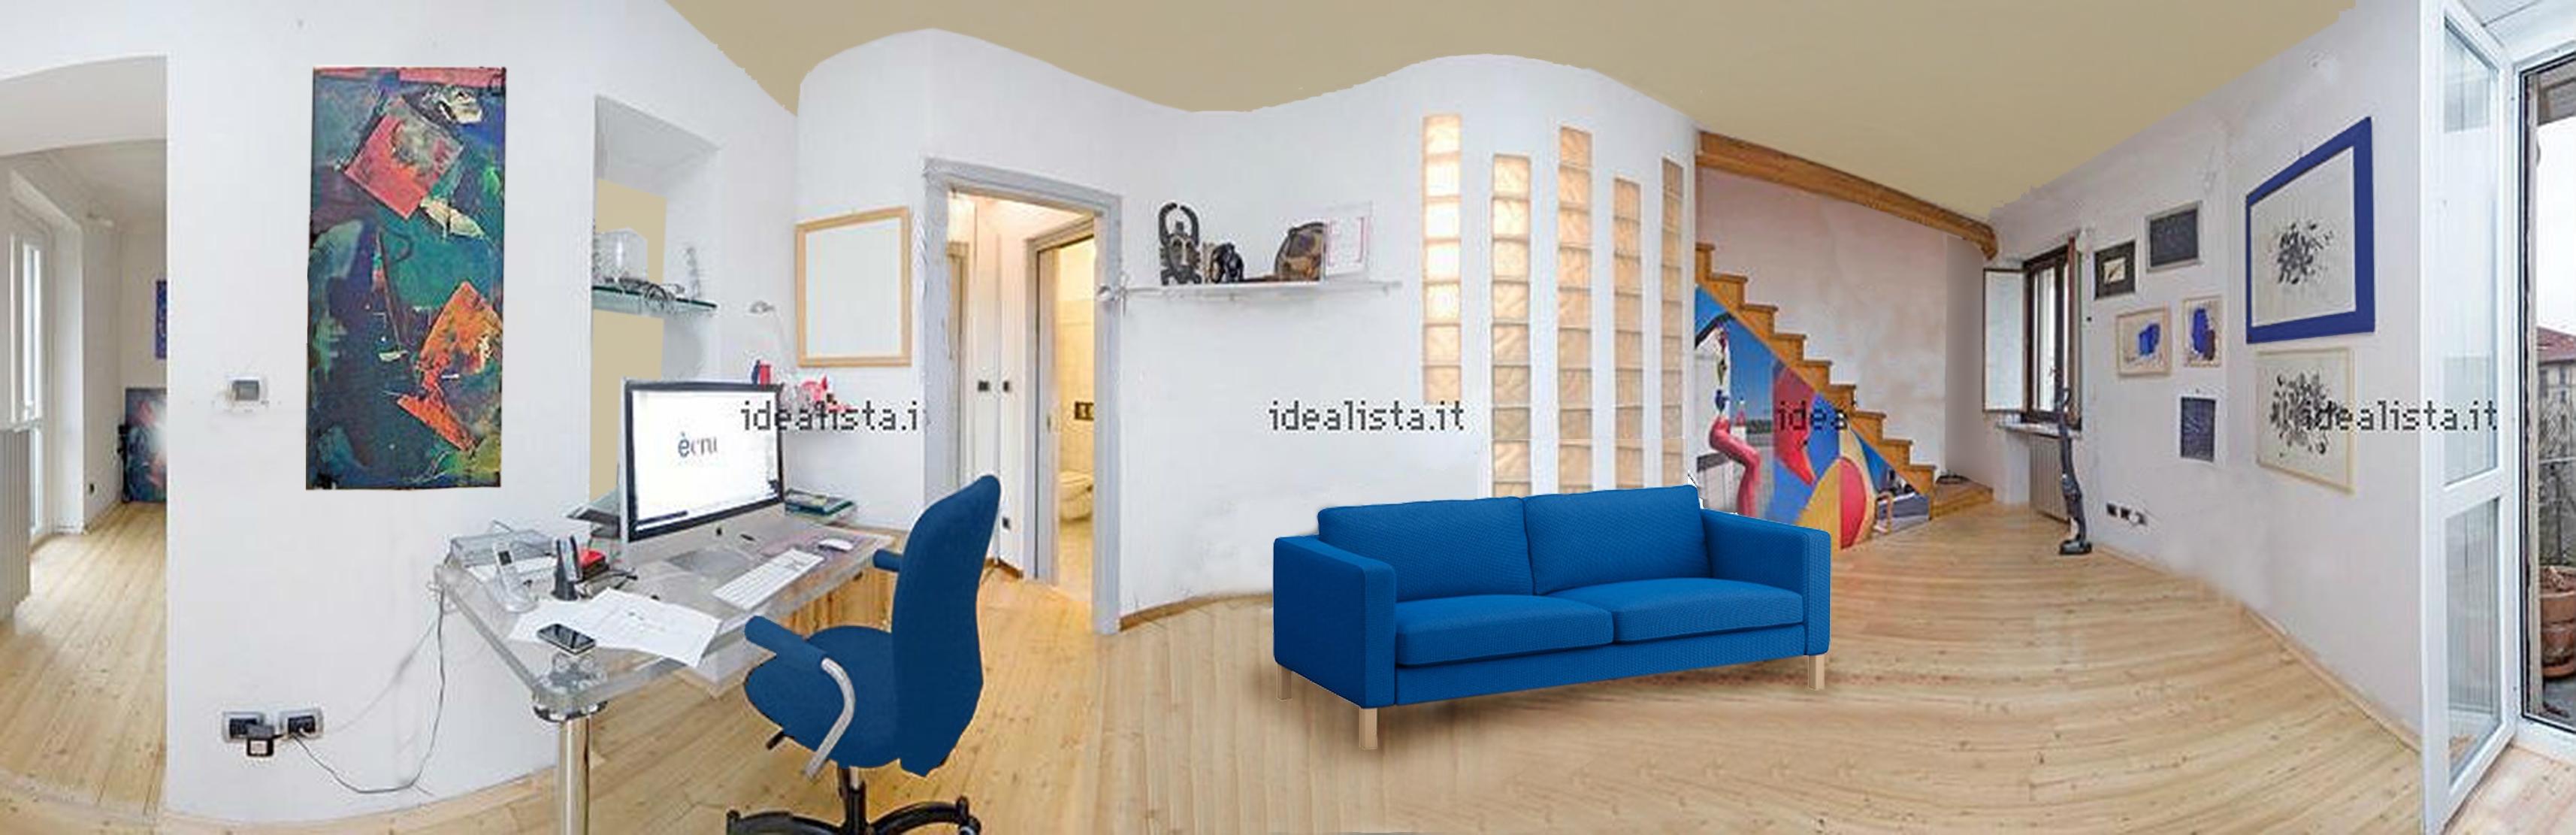 Illuminazione Sottotetto In Legno home staging: come illuminare un appartamento con mansarda